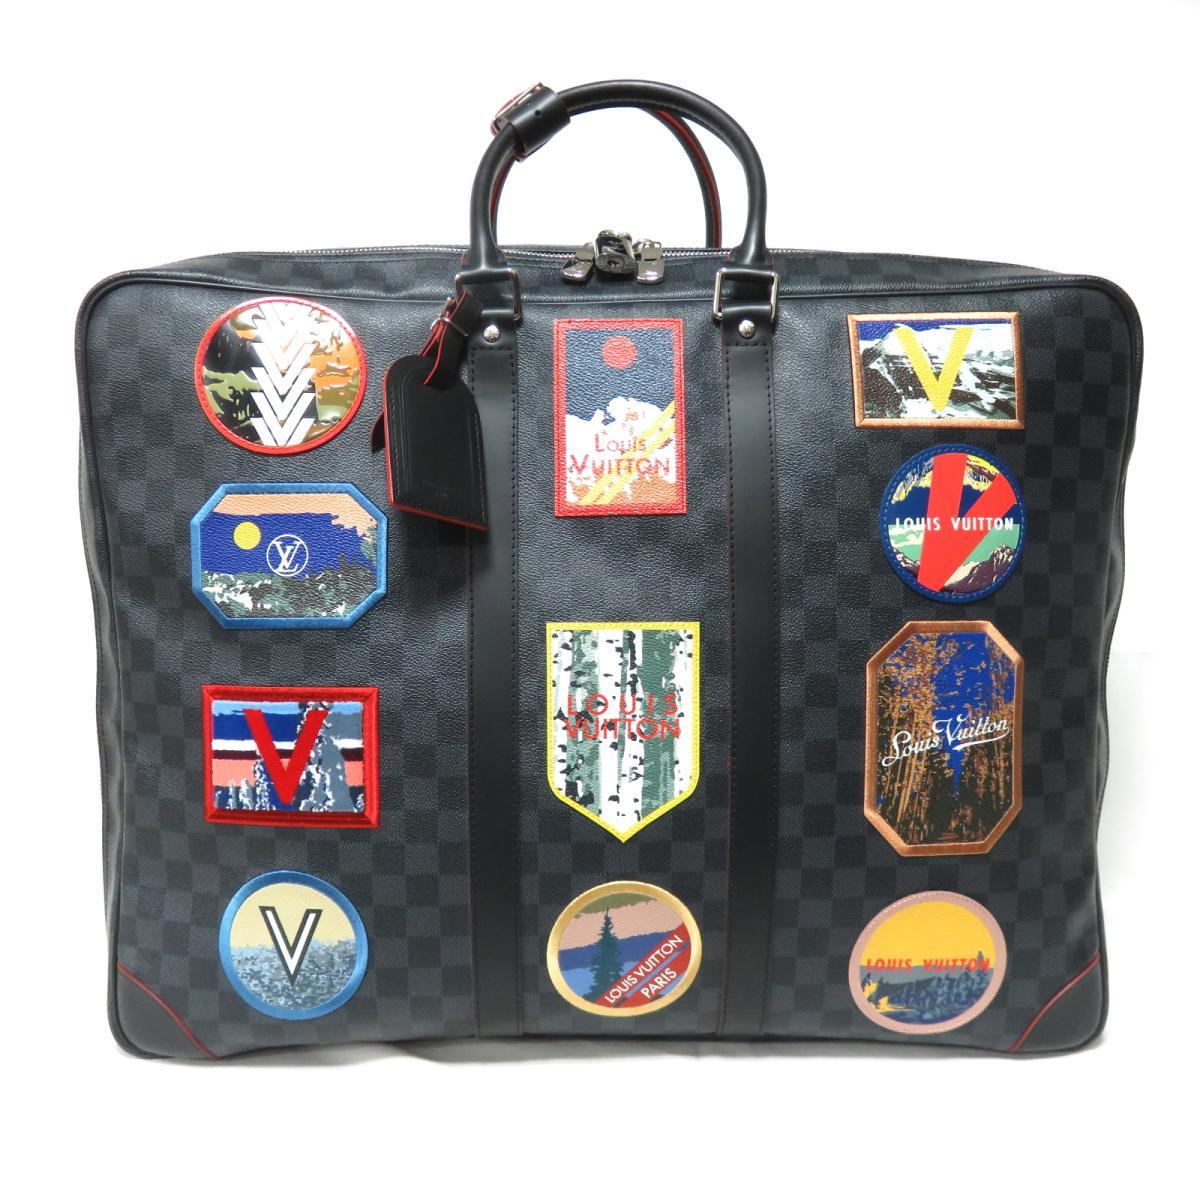 ルイヴィトン シリウス55 ボストンバッグ トラベルバッグ スーツケース メンズ ダミエ・グラフィット (N40056) | LOUIS VUITTON BRANDOFF ブランドオフ ヴィトン ルイ・ヴィトン ブランド ブランドバッグ ブランドバック バッグ バック ボストンバック 旅行 大容量:Brandoff銀座